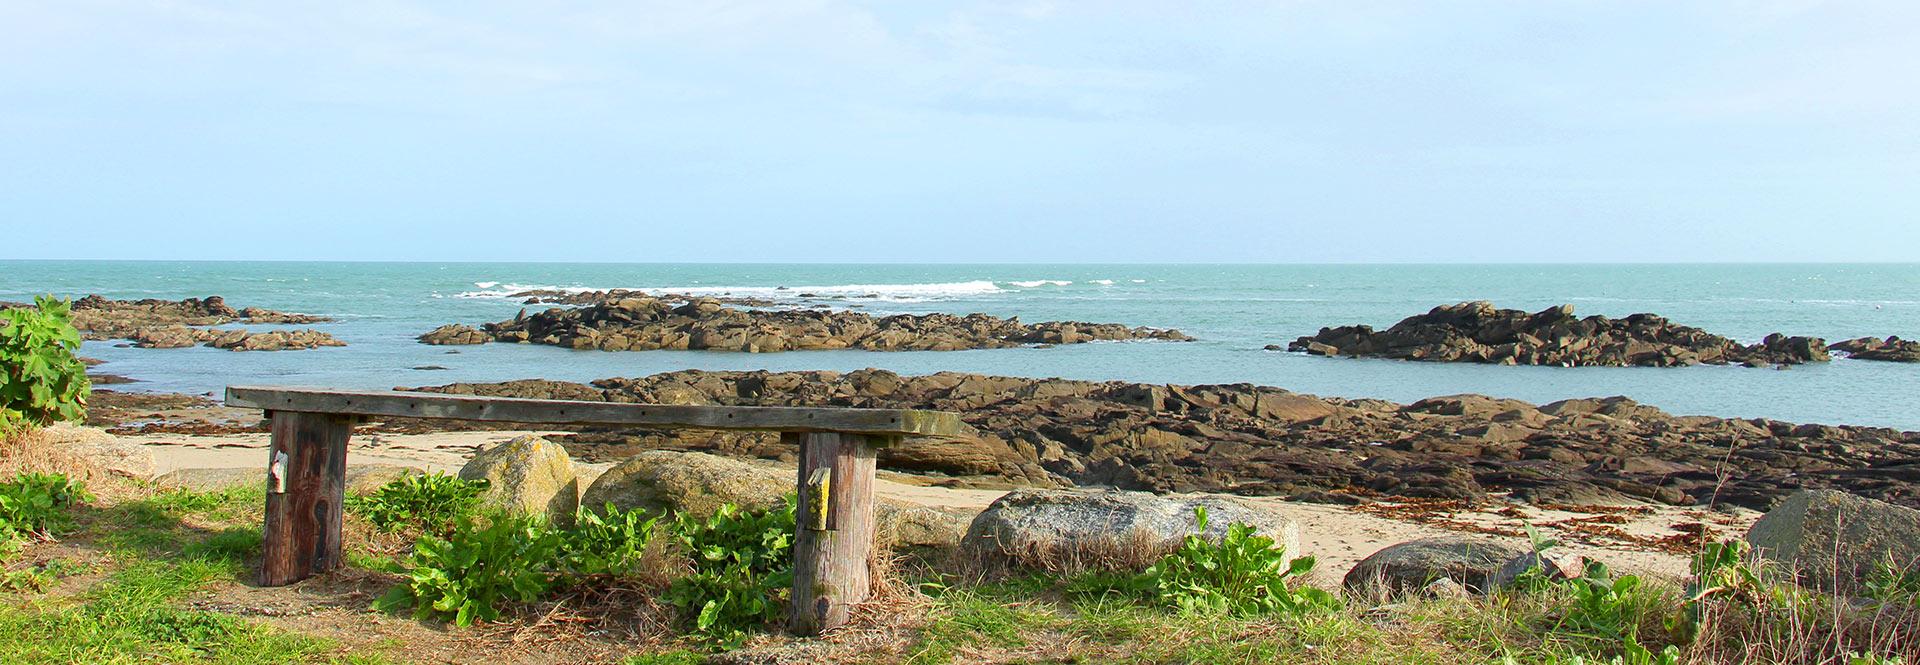 Banc sur la plage avec vue mer